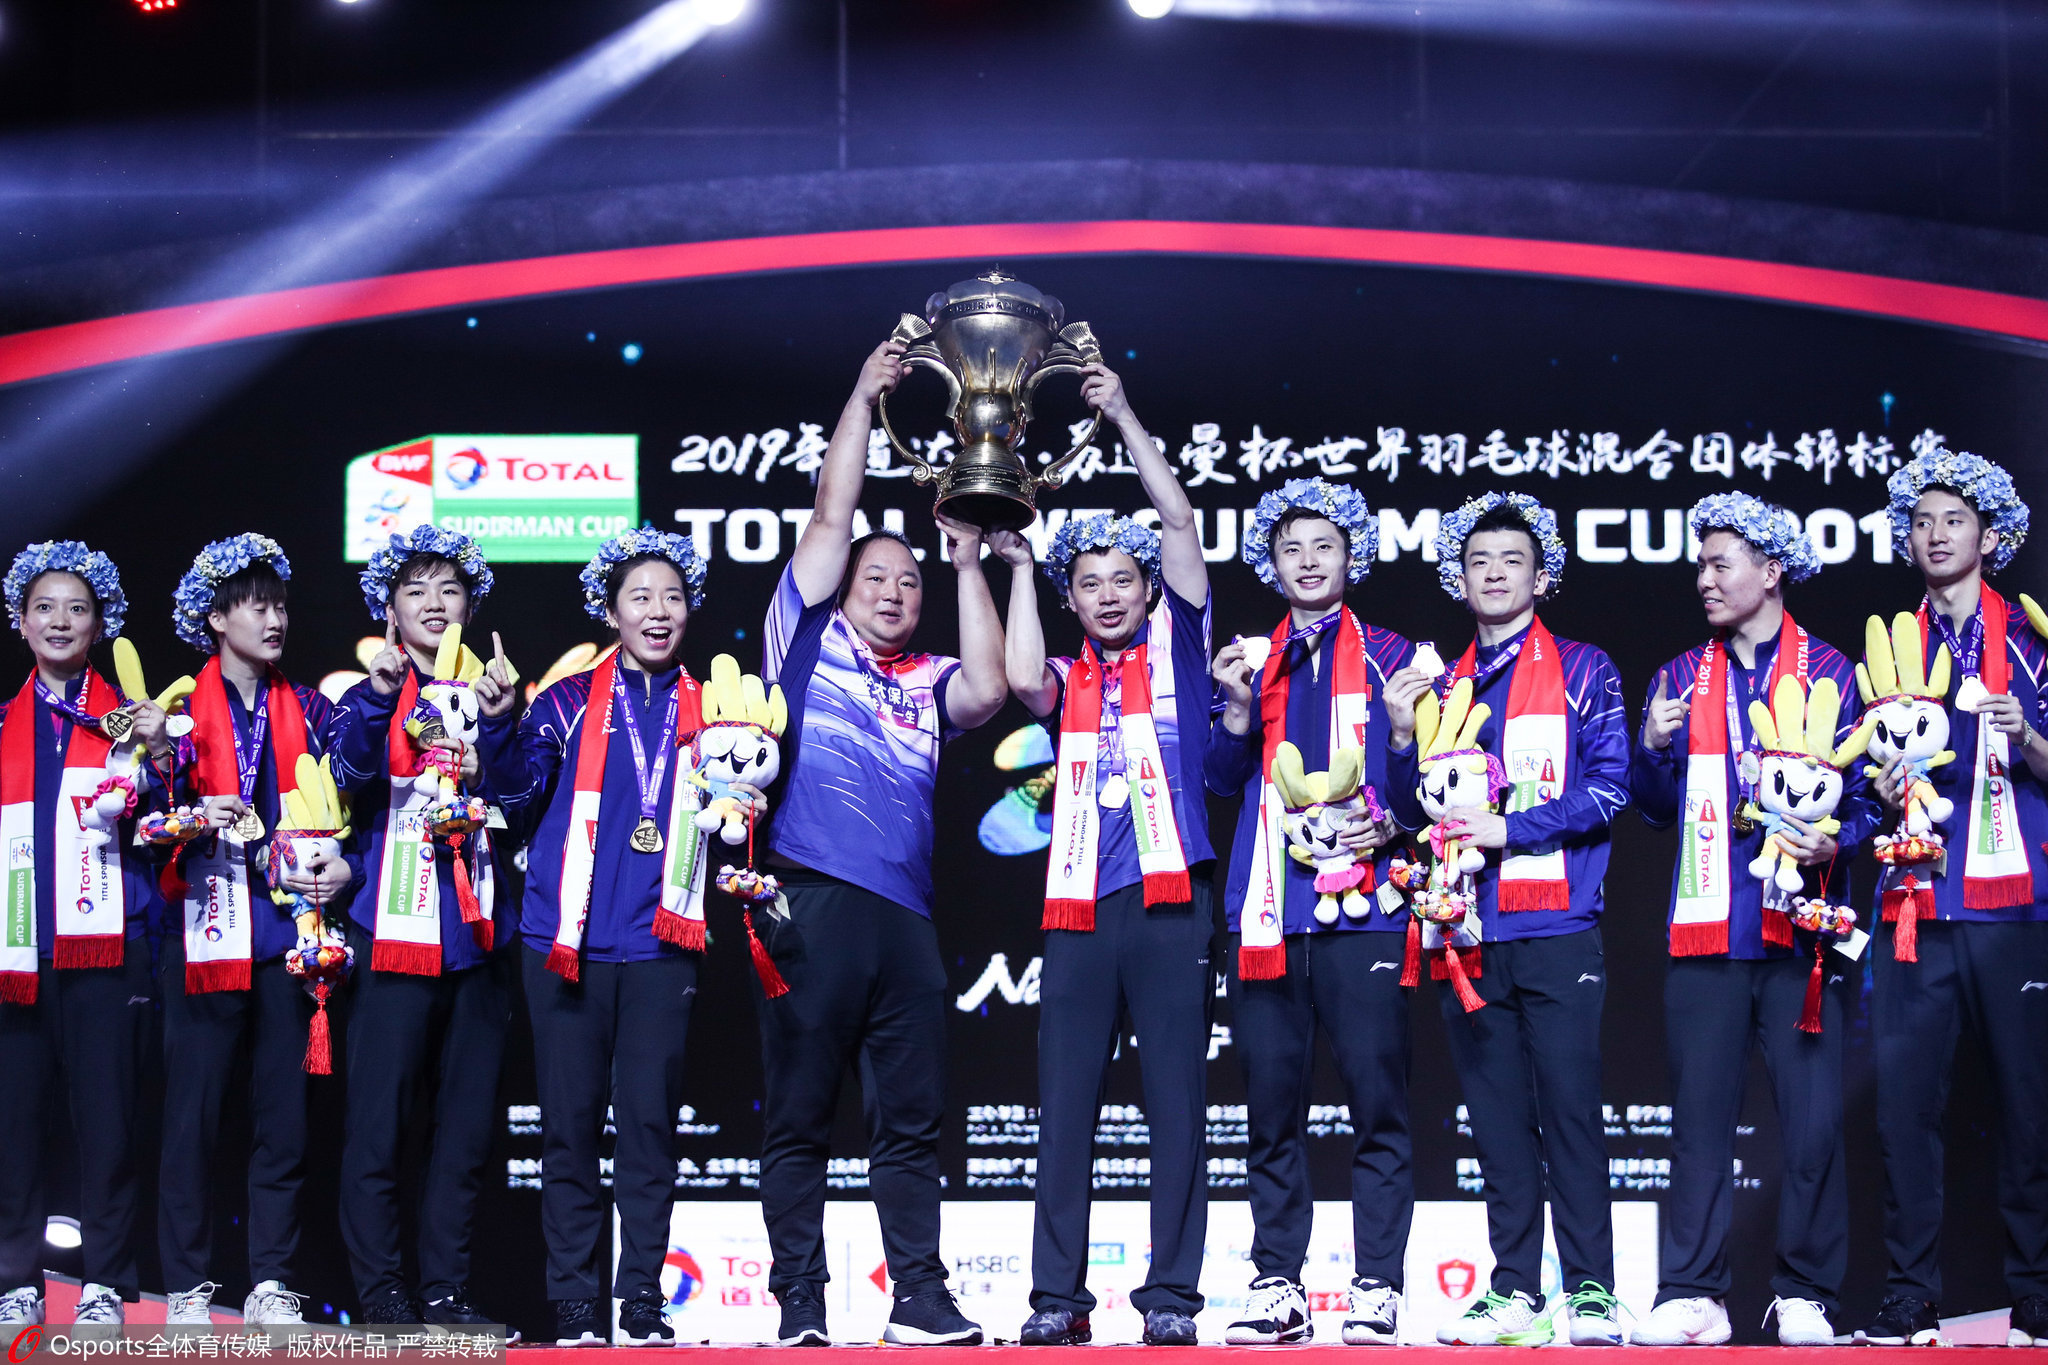 日本队仍是国羽最大对手,备战东京从积分赛做起